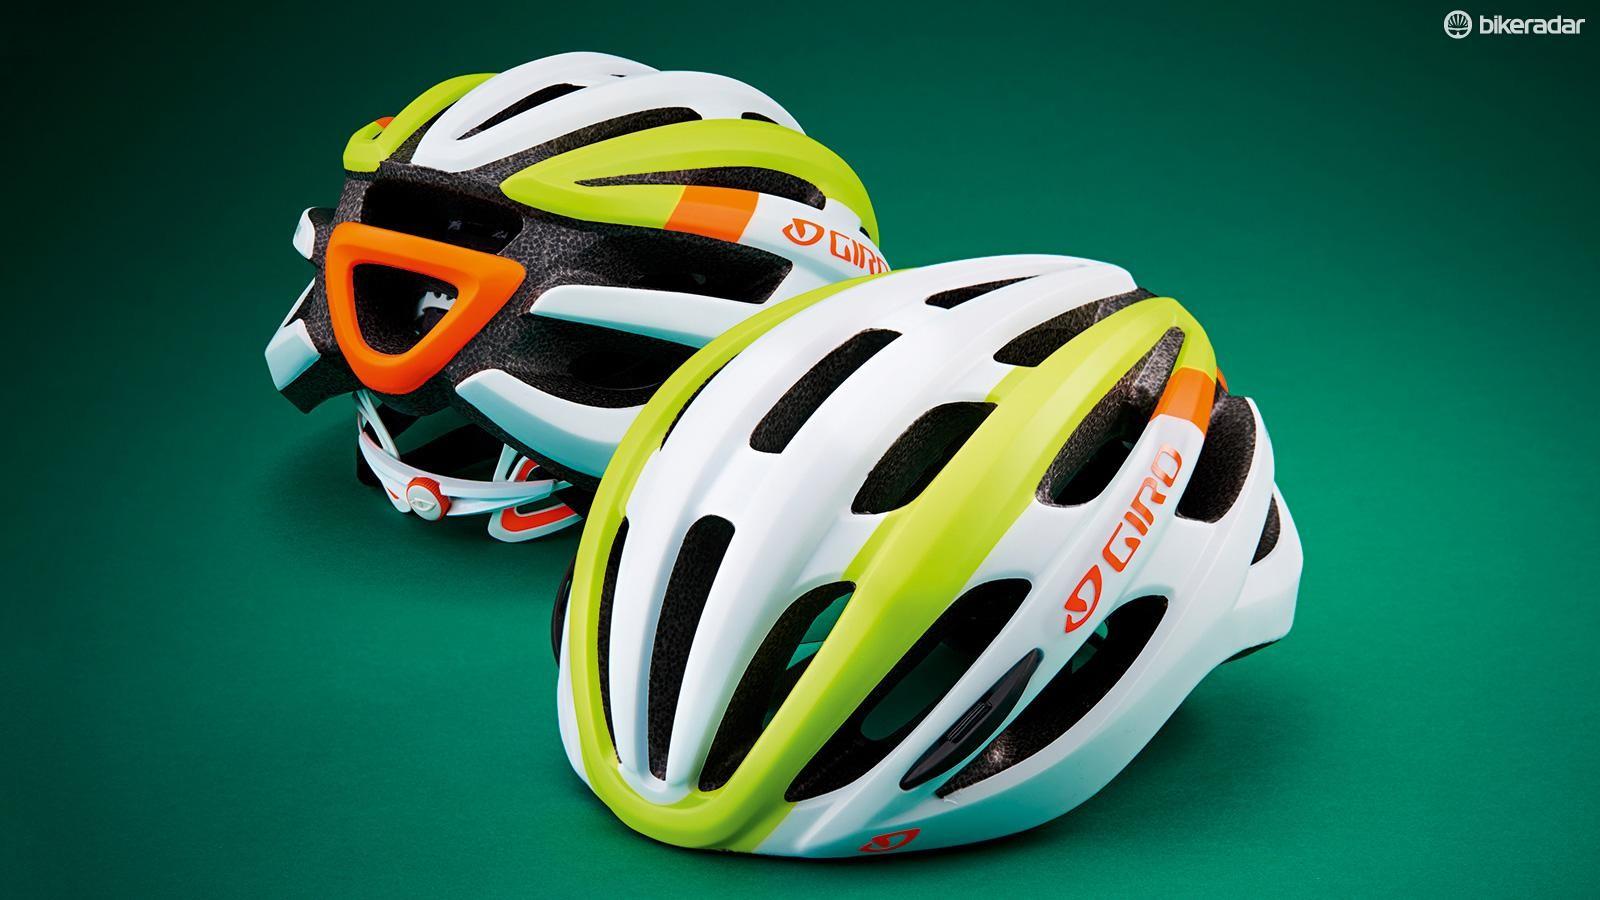 Giro's Foray MIPS helmet